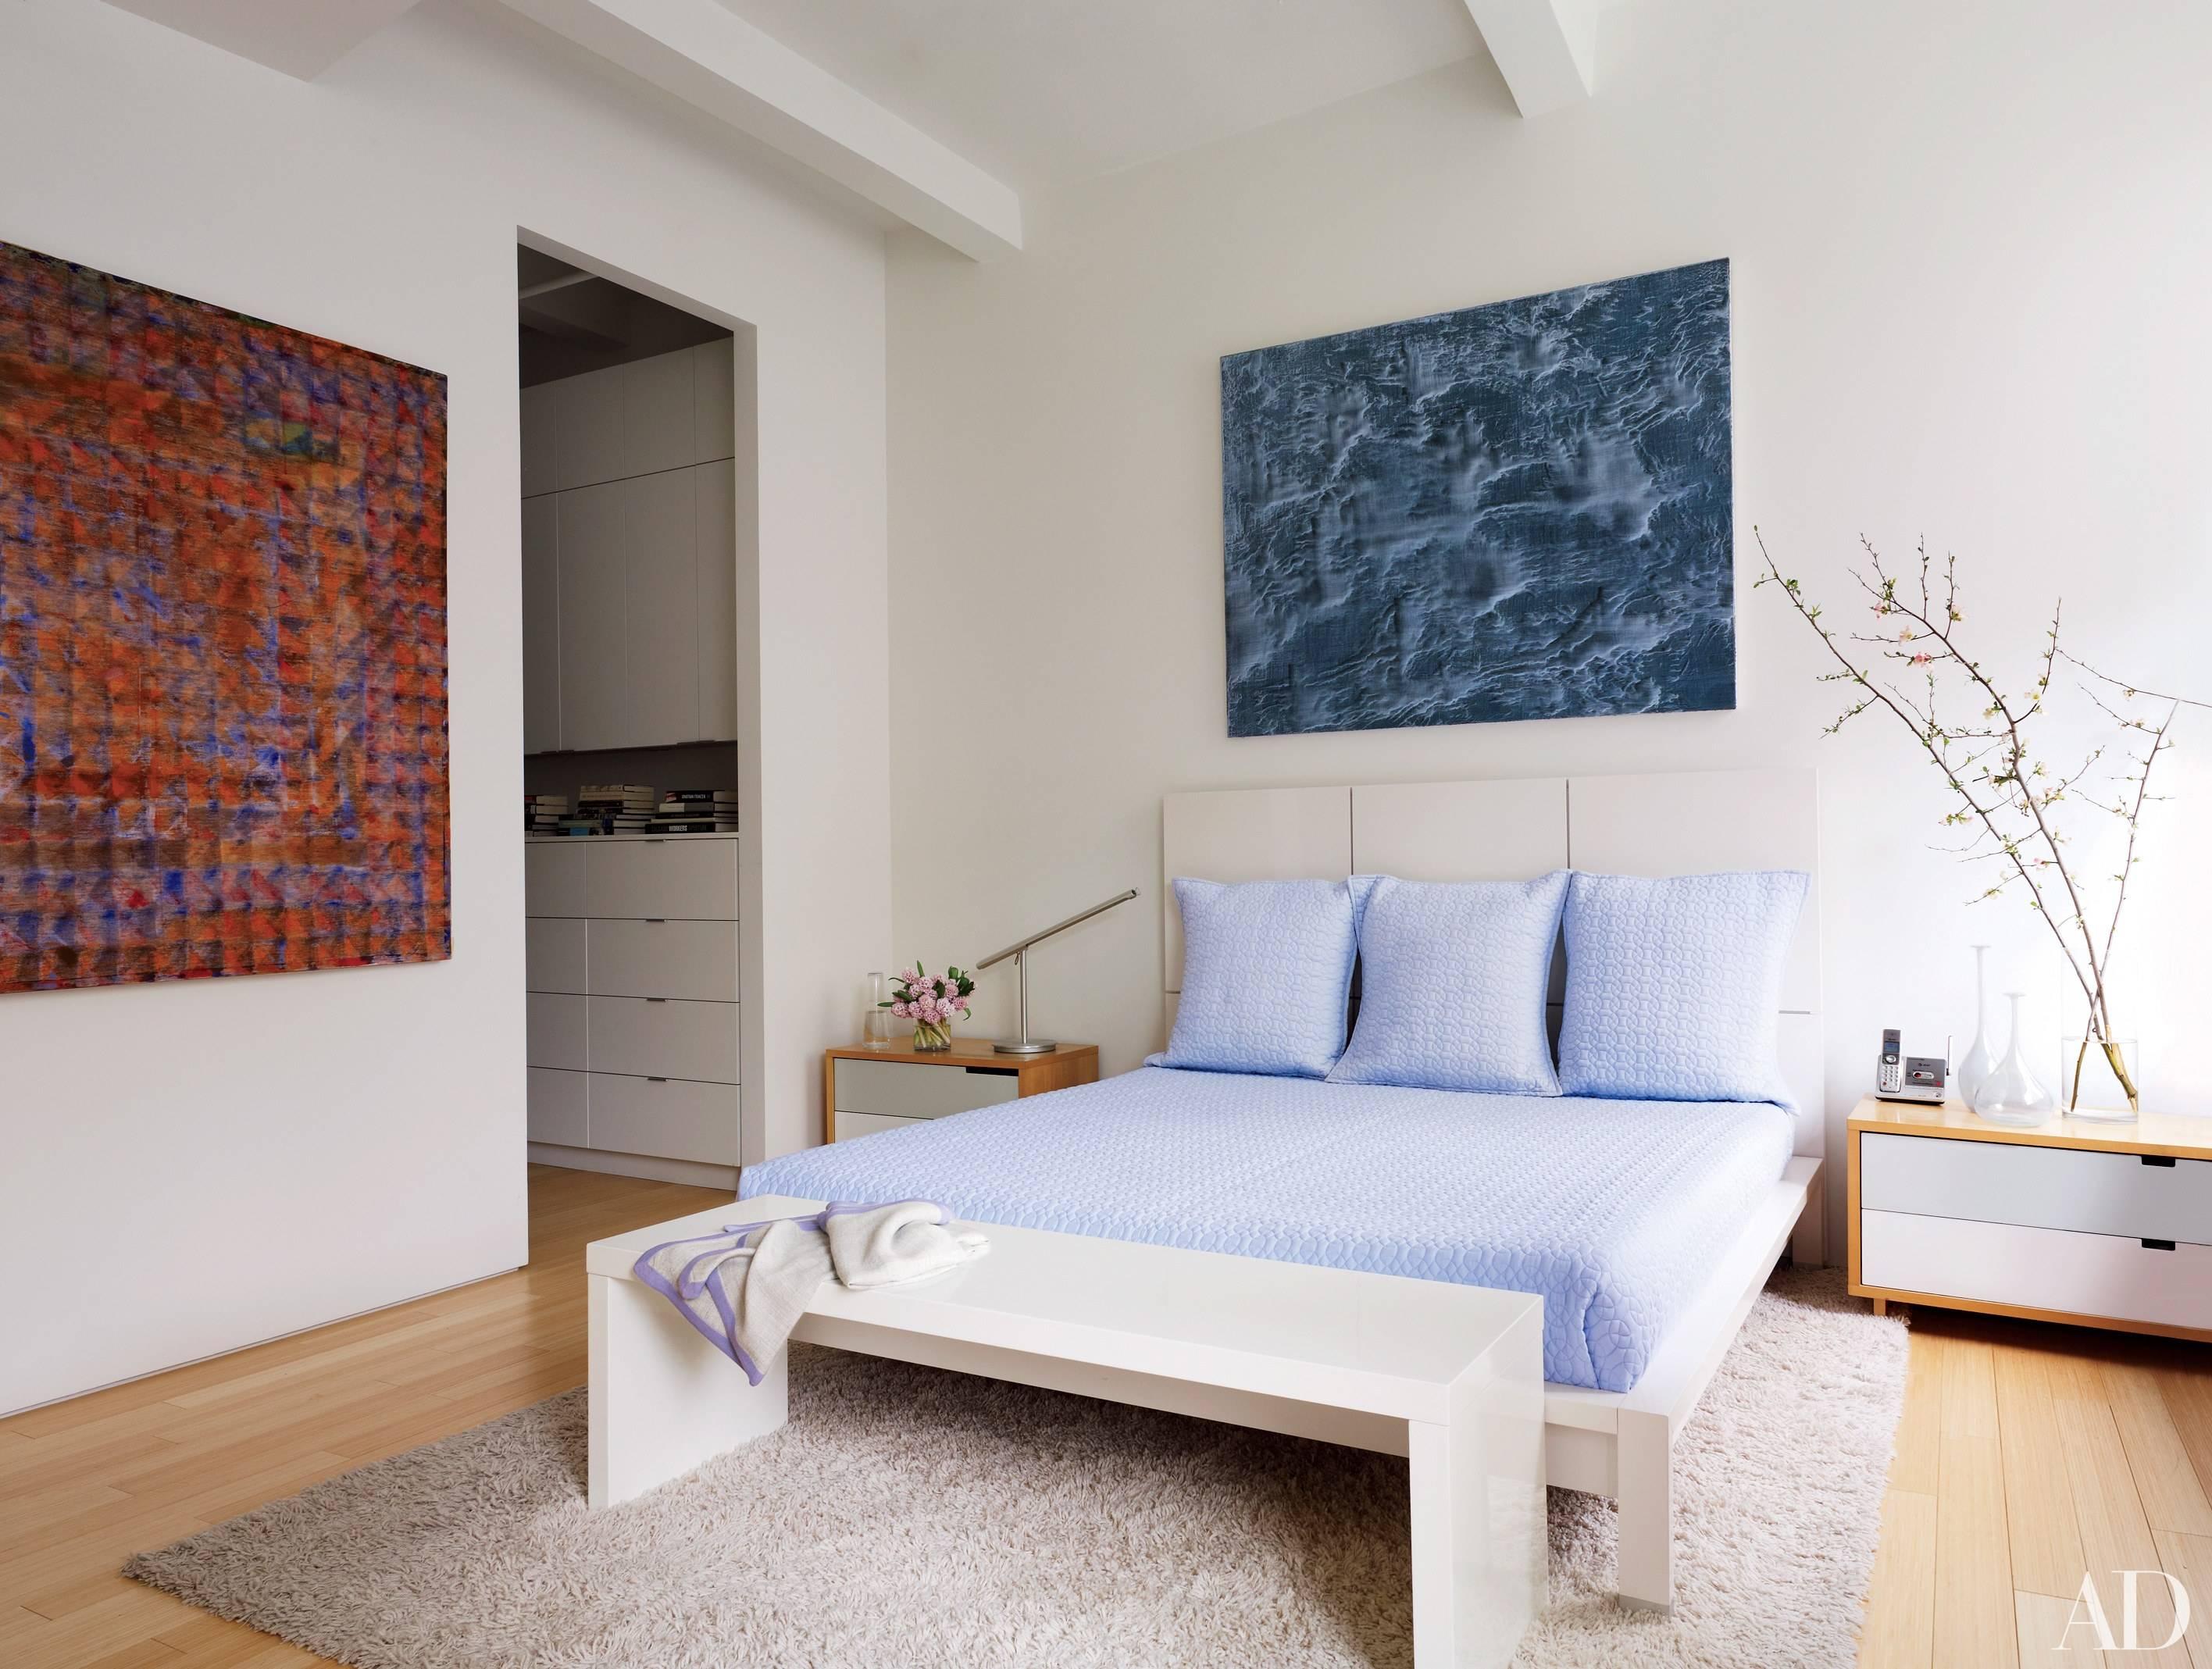 Minimalist Bedrooms Your Dreams Photos